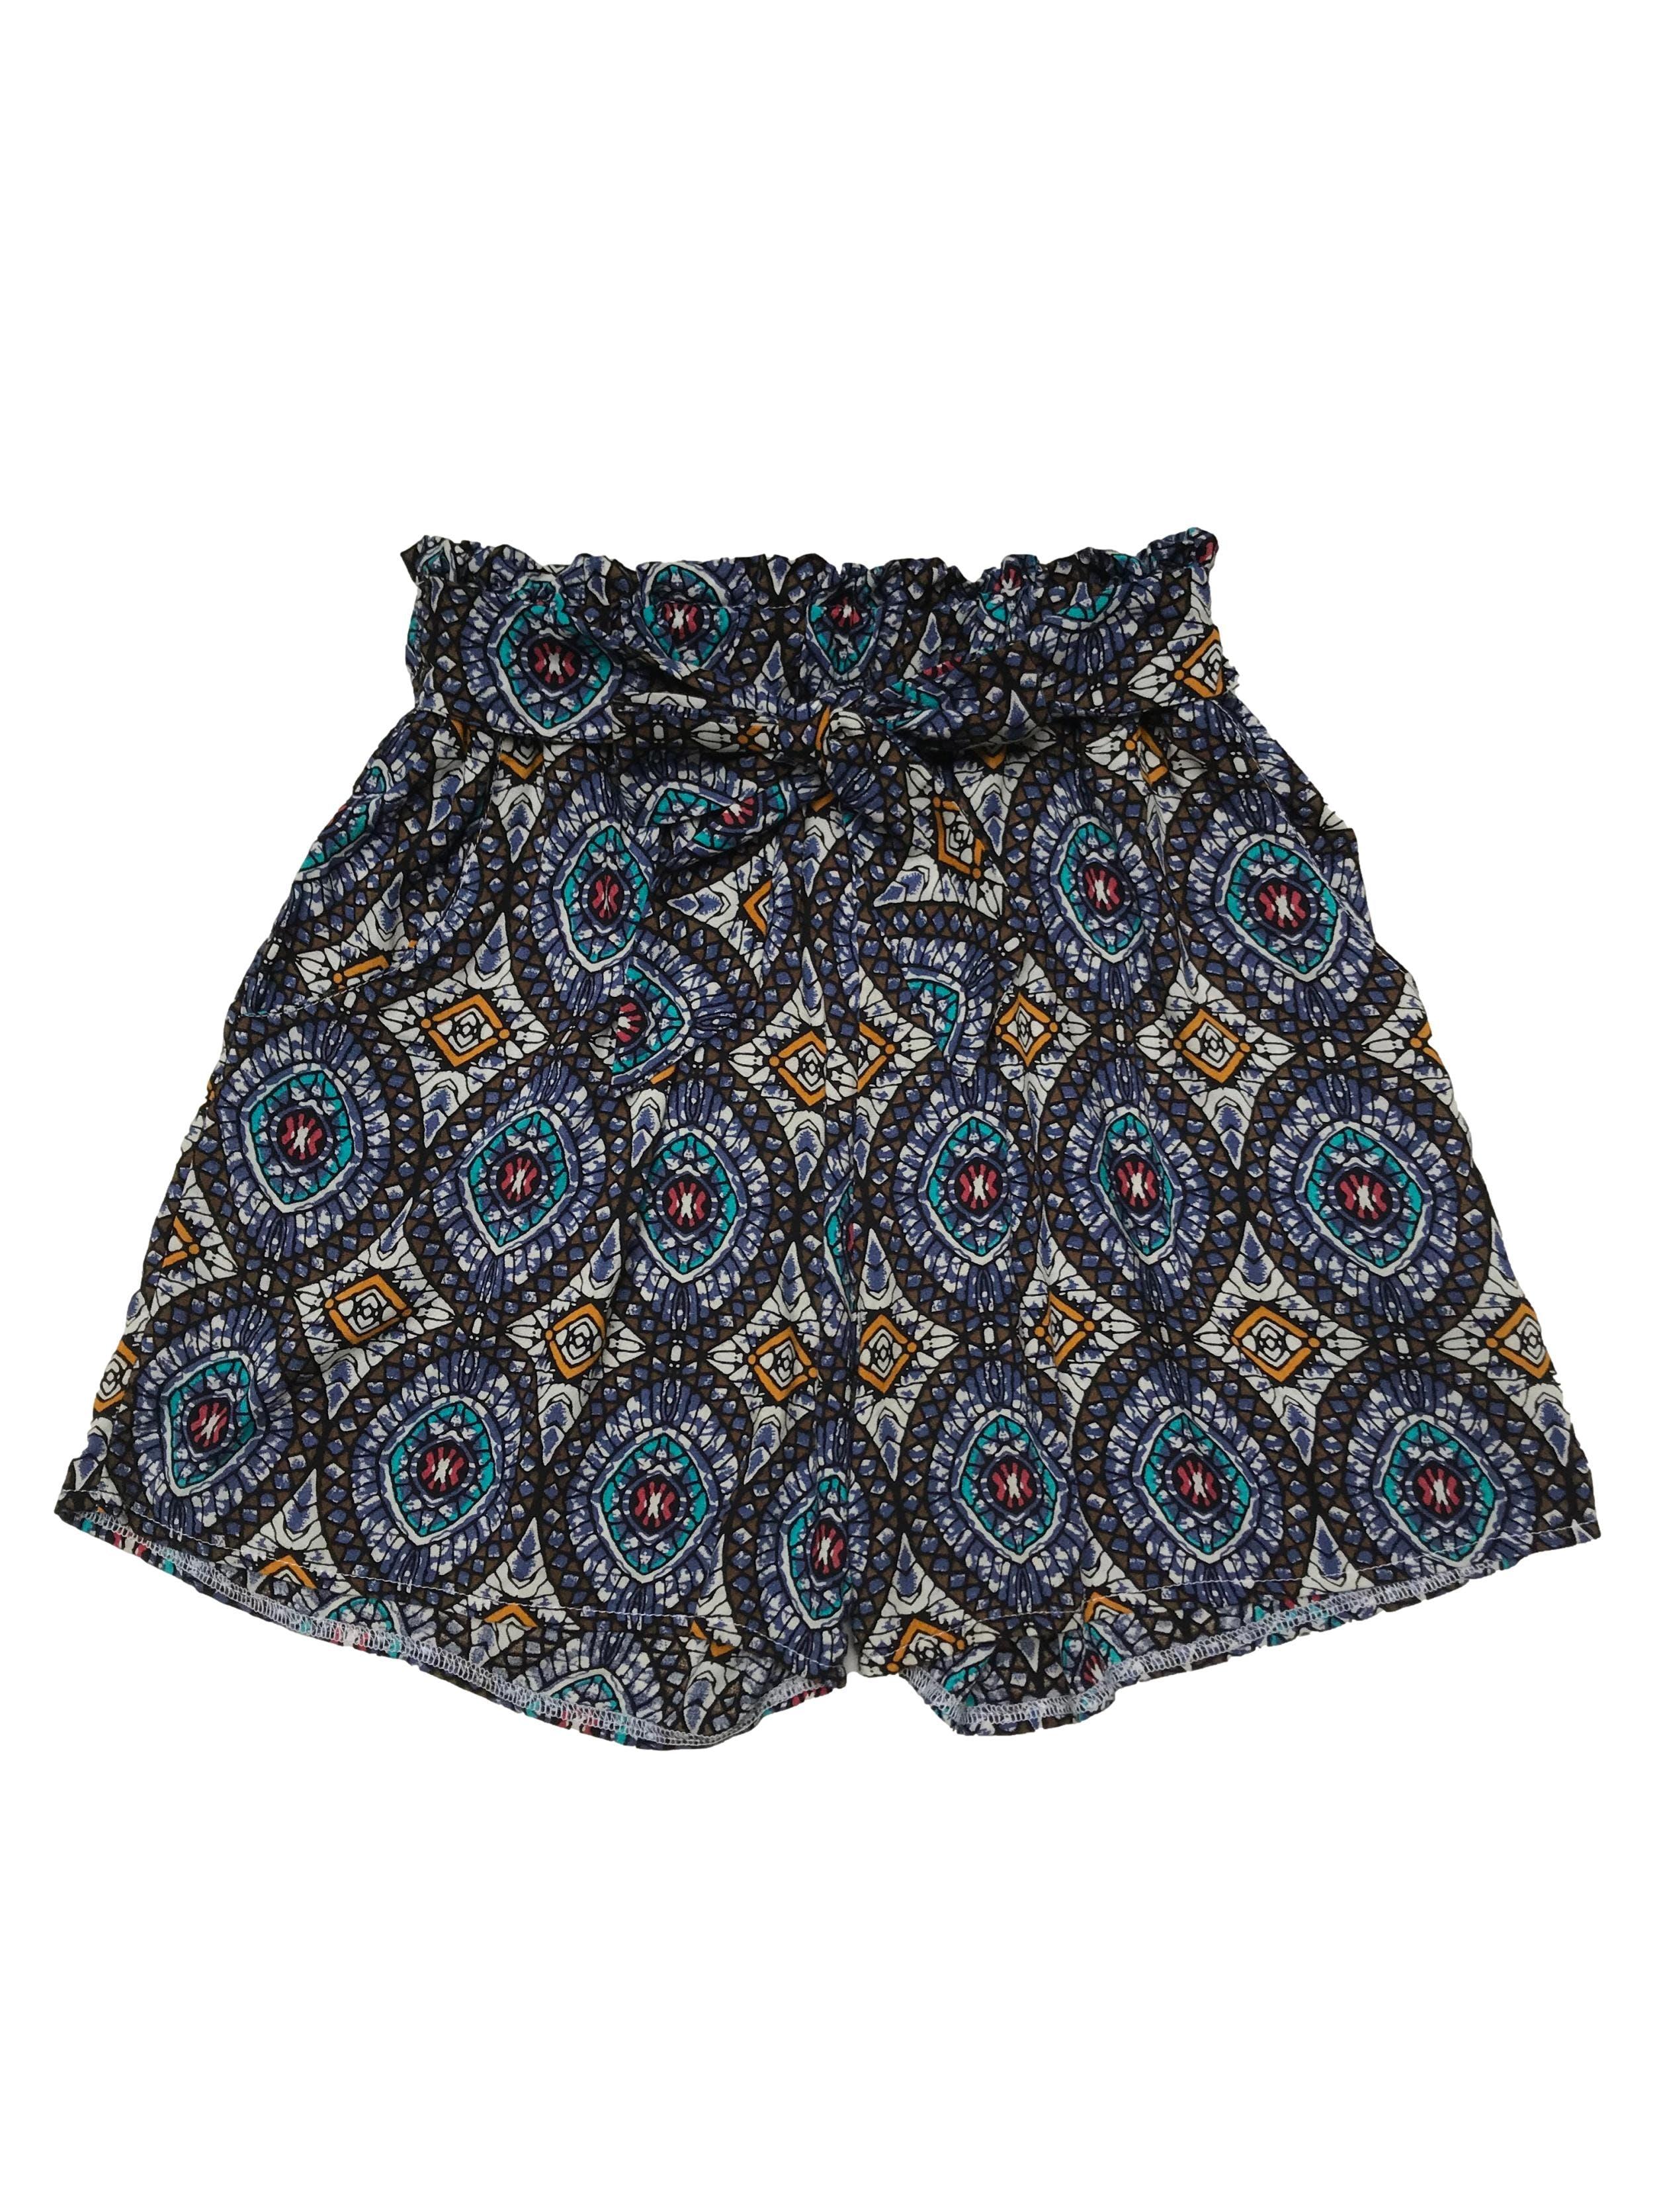 Short de chalis a la cintura, con print barroco, pretina elástica, cinto para amarrar y bolsillos laterales. Largo 38cm